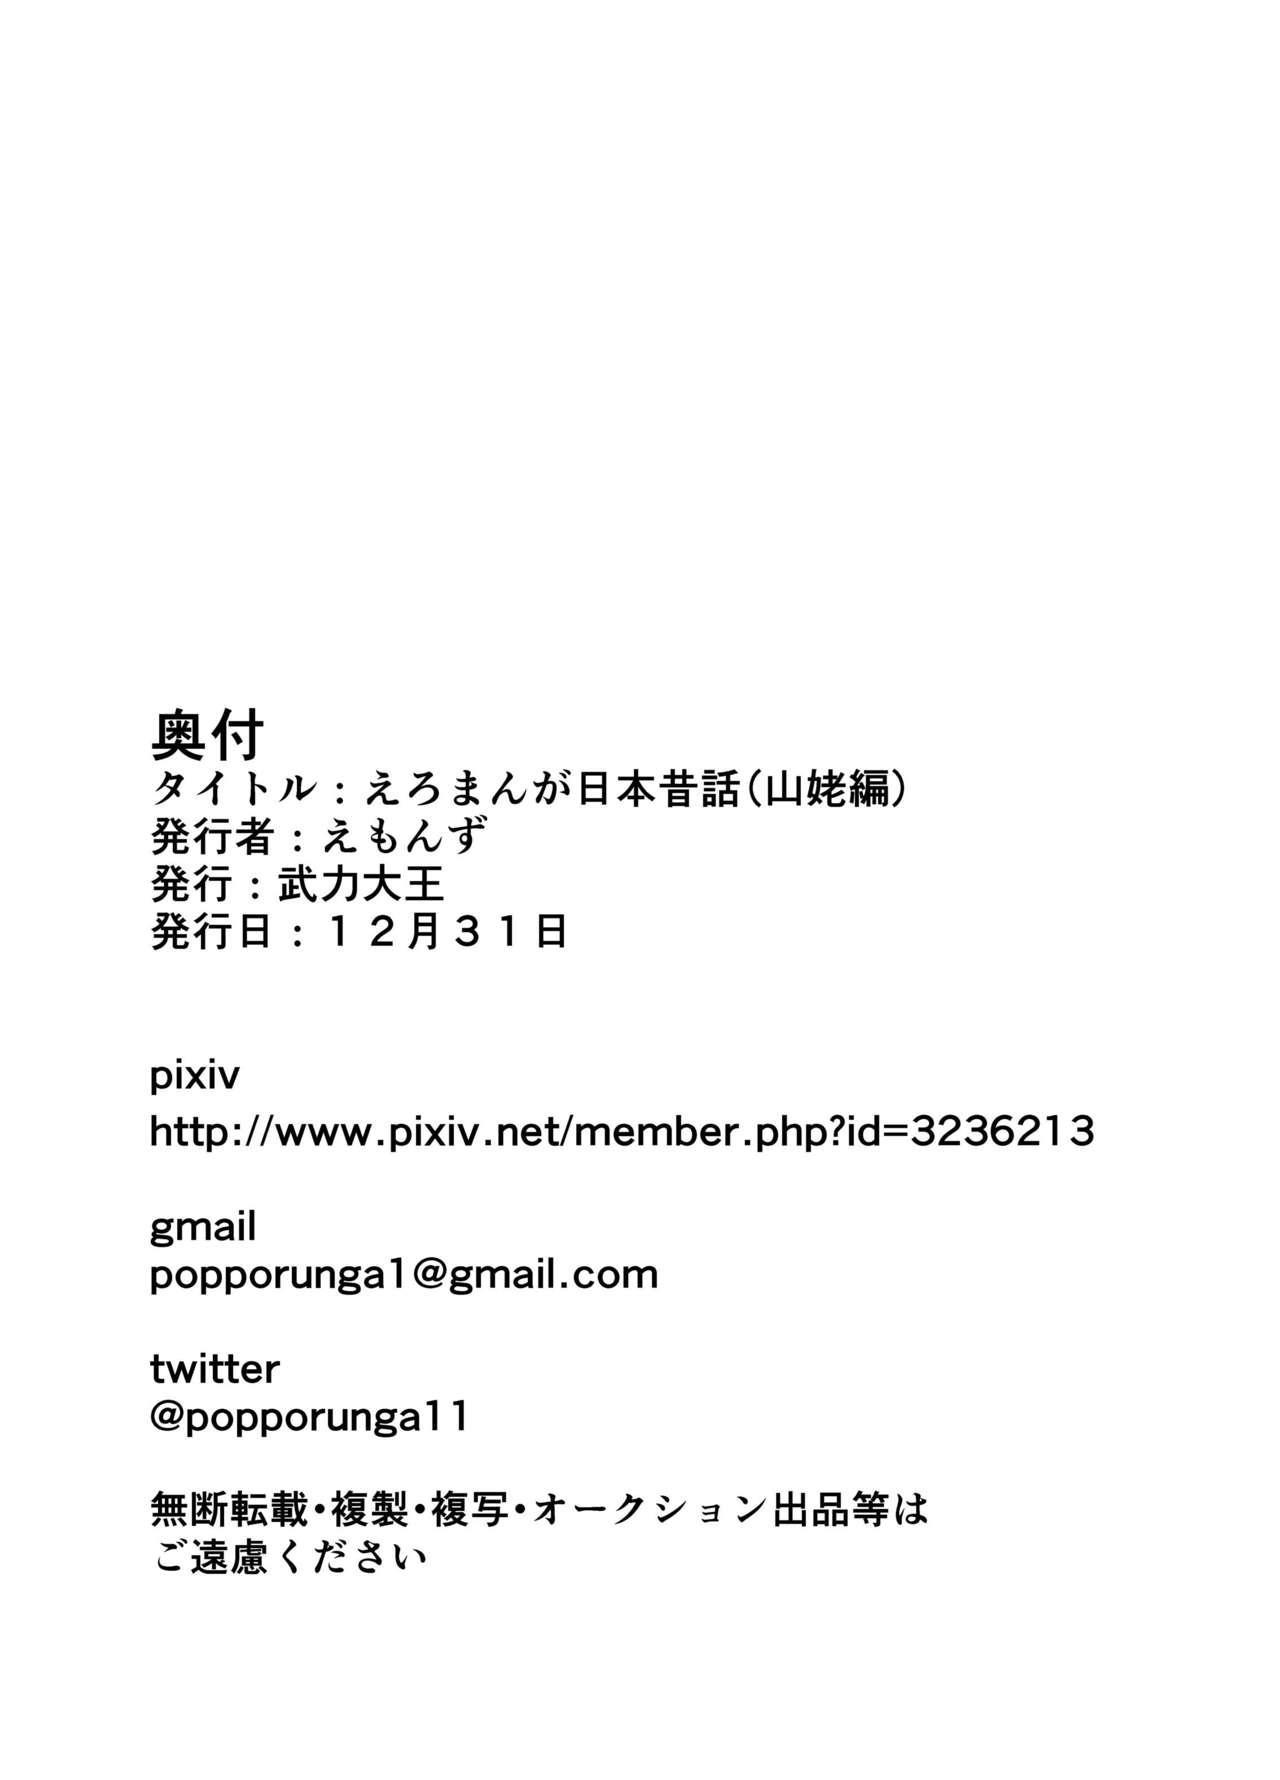 Eromanga Nihon Mukashibanashi 42